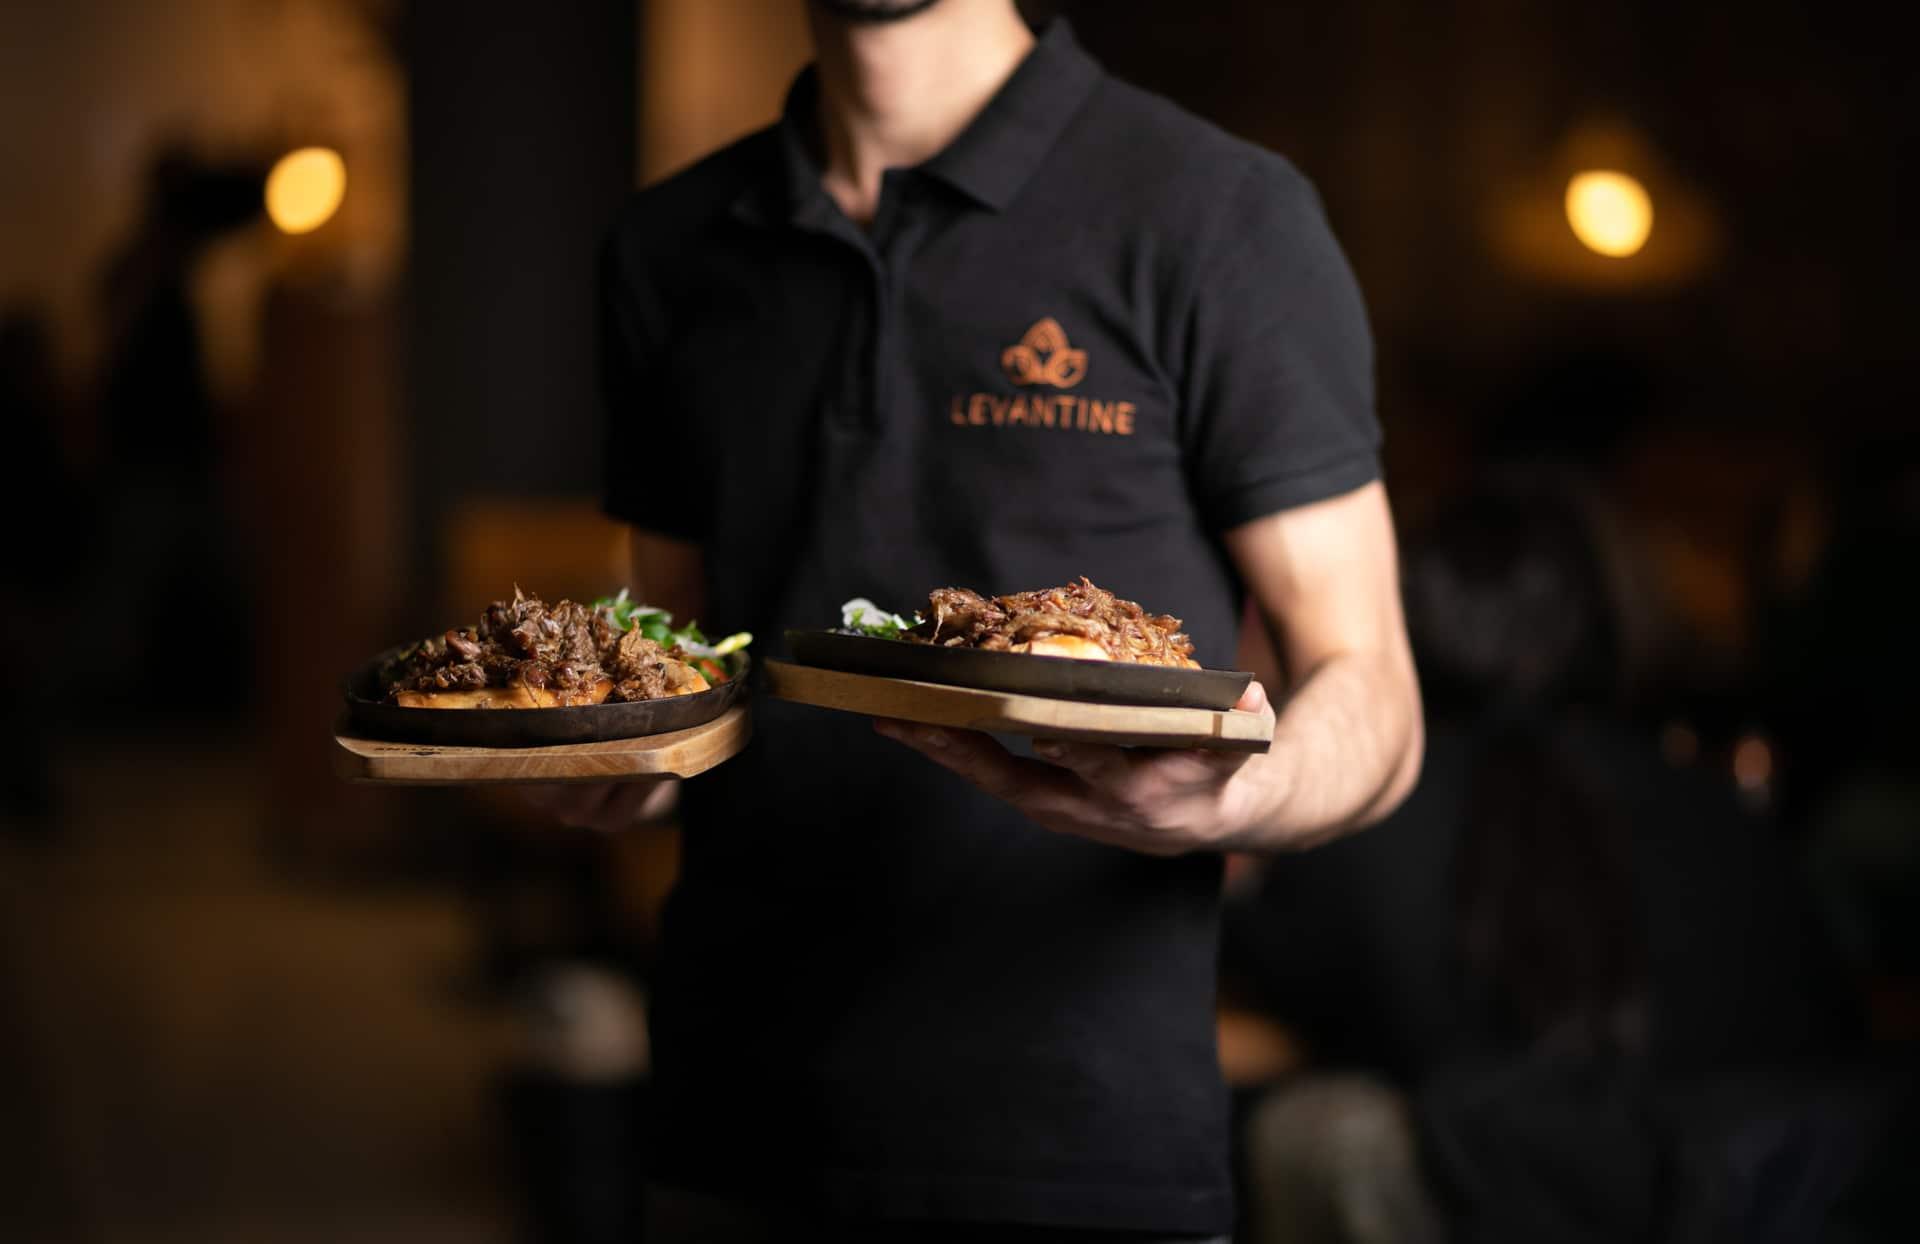 Restaurant levantine